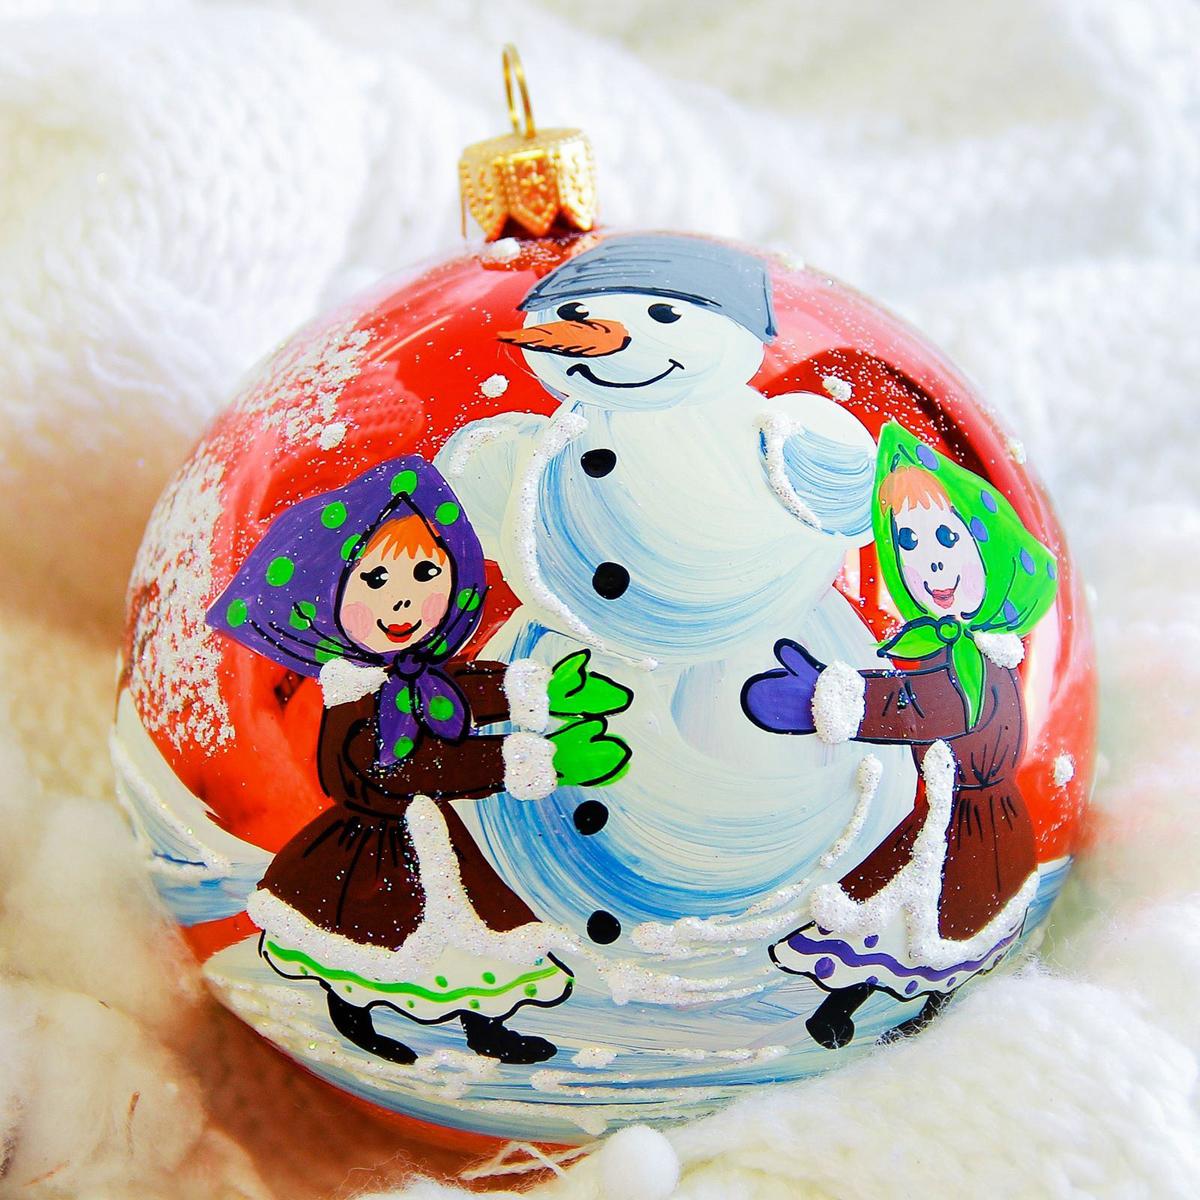 Украшение новогоднее елочное Иней Веселая зима, диаметр 10 см1519294Новогоднее подвесное украшение Иней отлично подойдет для декорации вашего дома и новогодней ели. Новогоднее украшение можно повесить в любом понравившемся вам месте. Но, конечно, удачнее всего оно будет смотреться на праздничной елке.Елочная игрушка - символ Нового года. Она несет в себе волшебство и красоту праздника. Такое украшение создаст в вашем доме атмосферу праздника, веселья и радости.